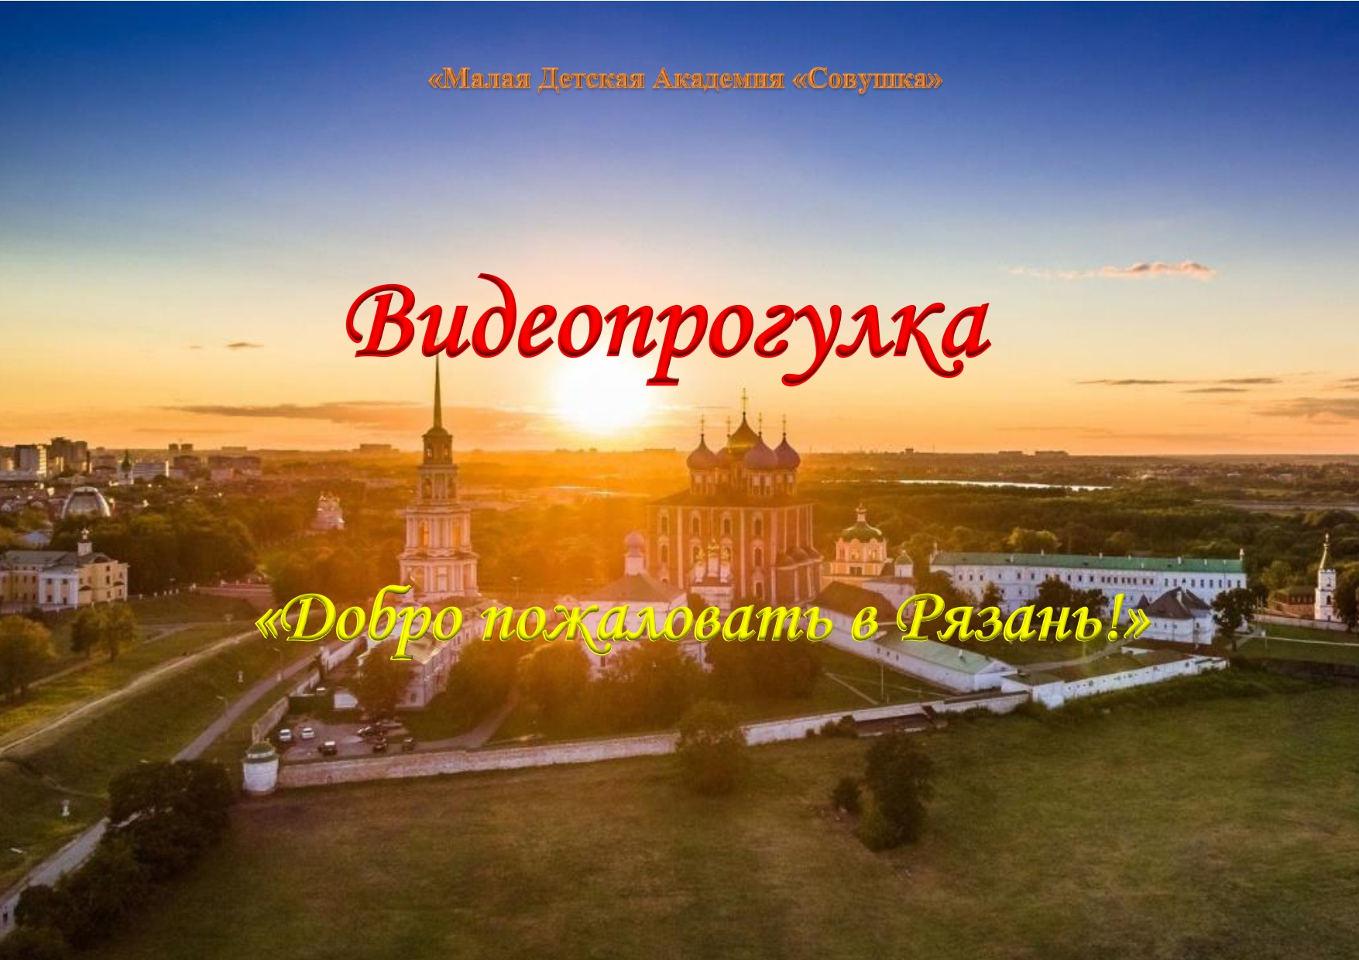 Видеопрогулка «Добро пожаловать в Рязани»